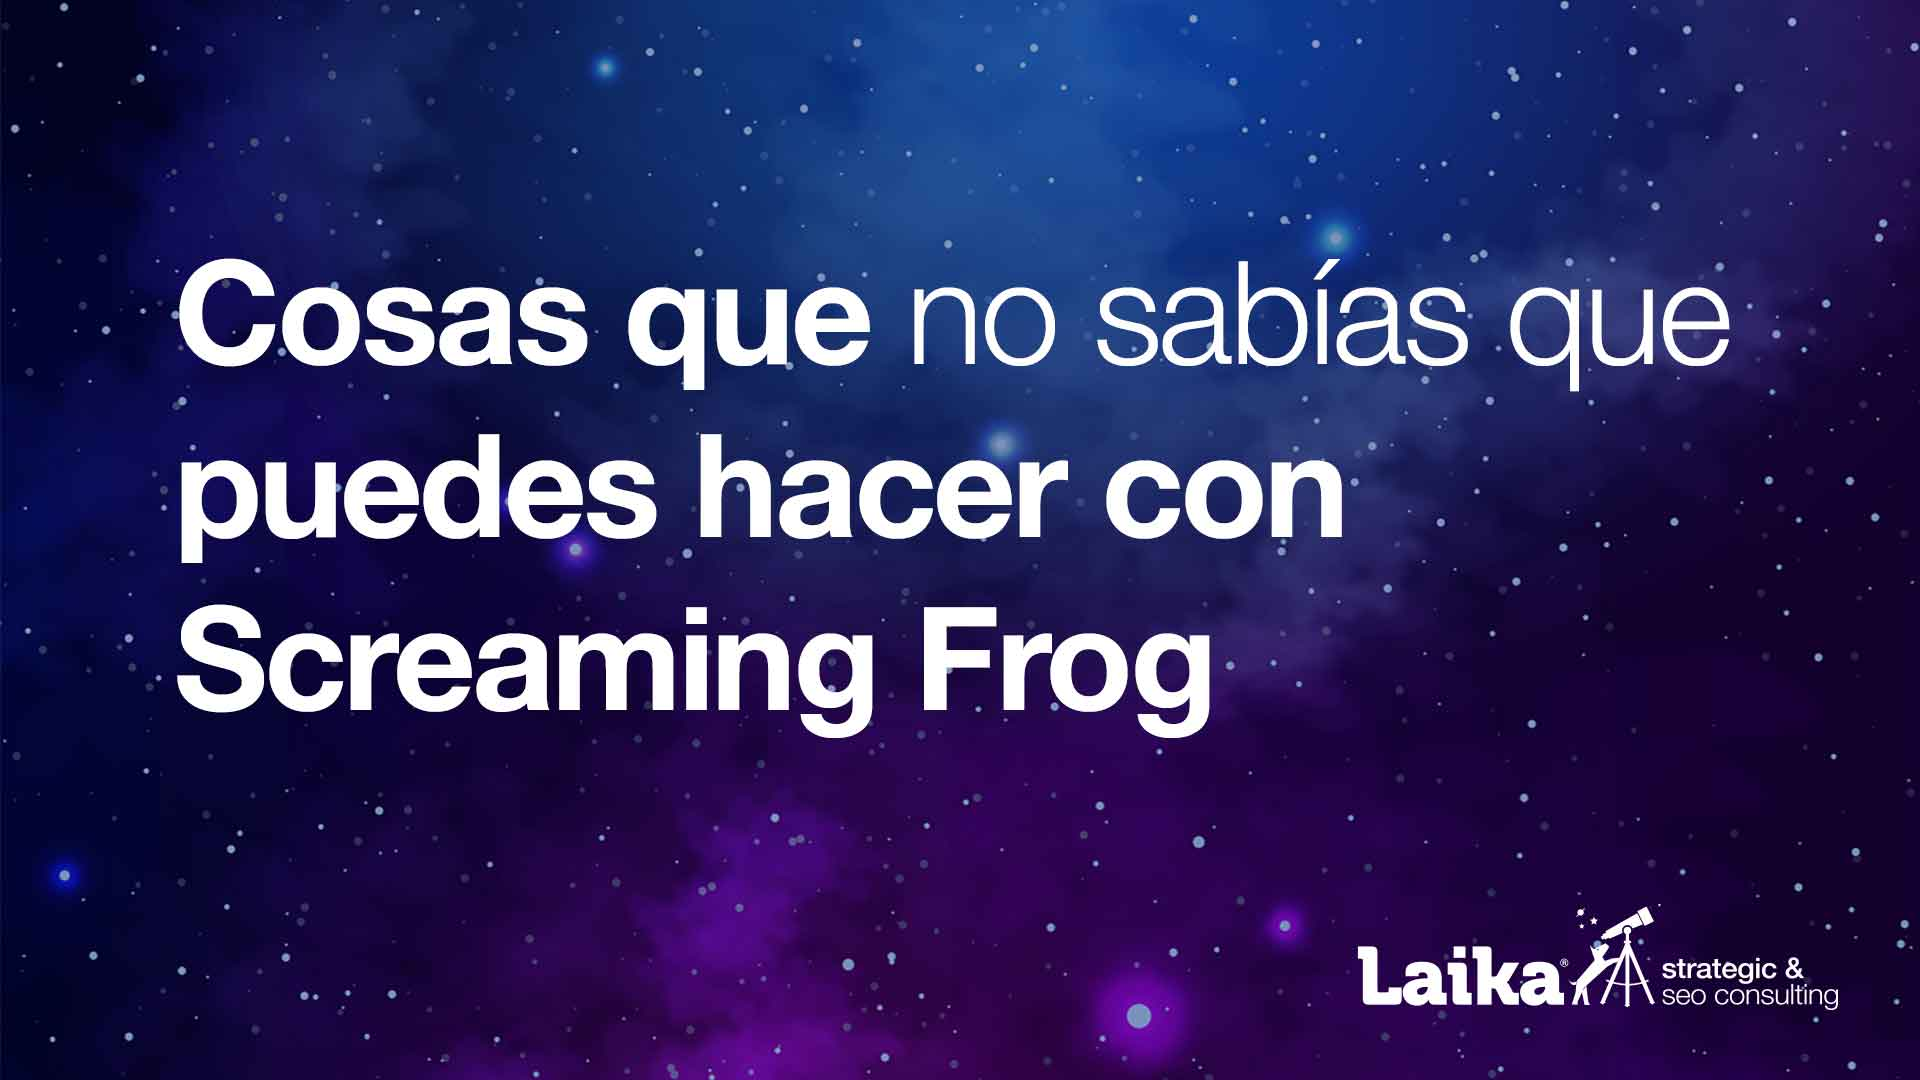 Cosas que no sabías que puedes hacer con Screaming Frog